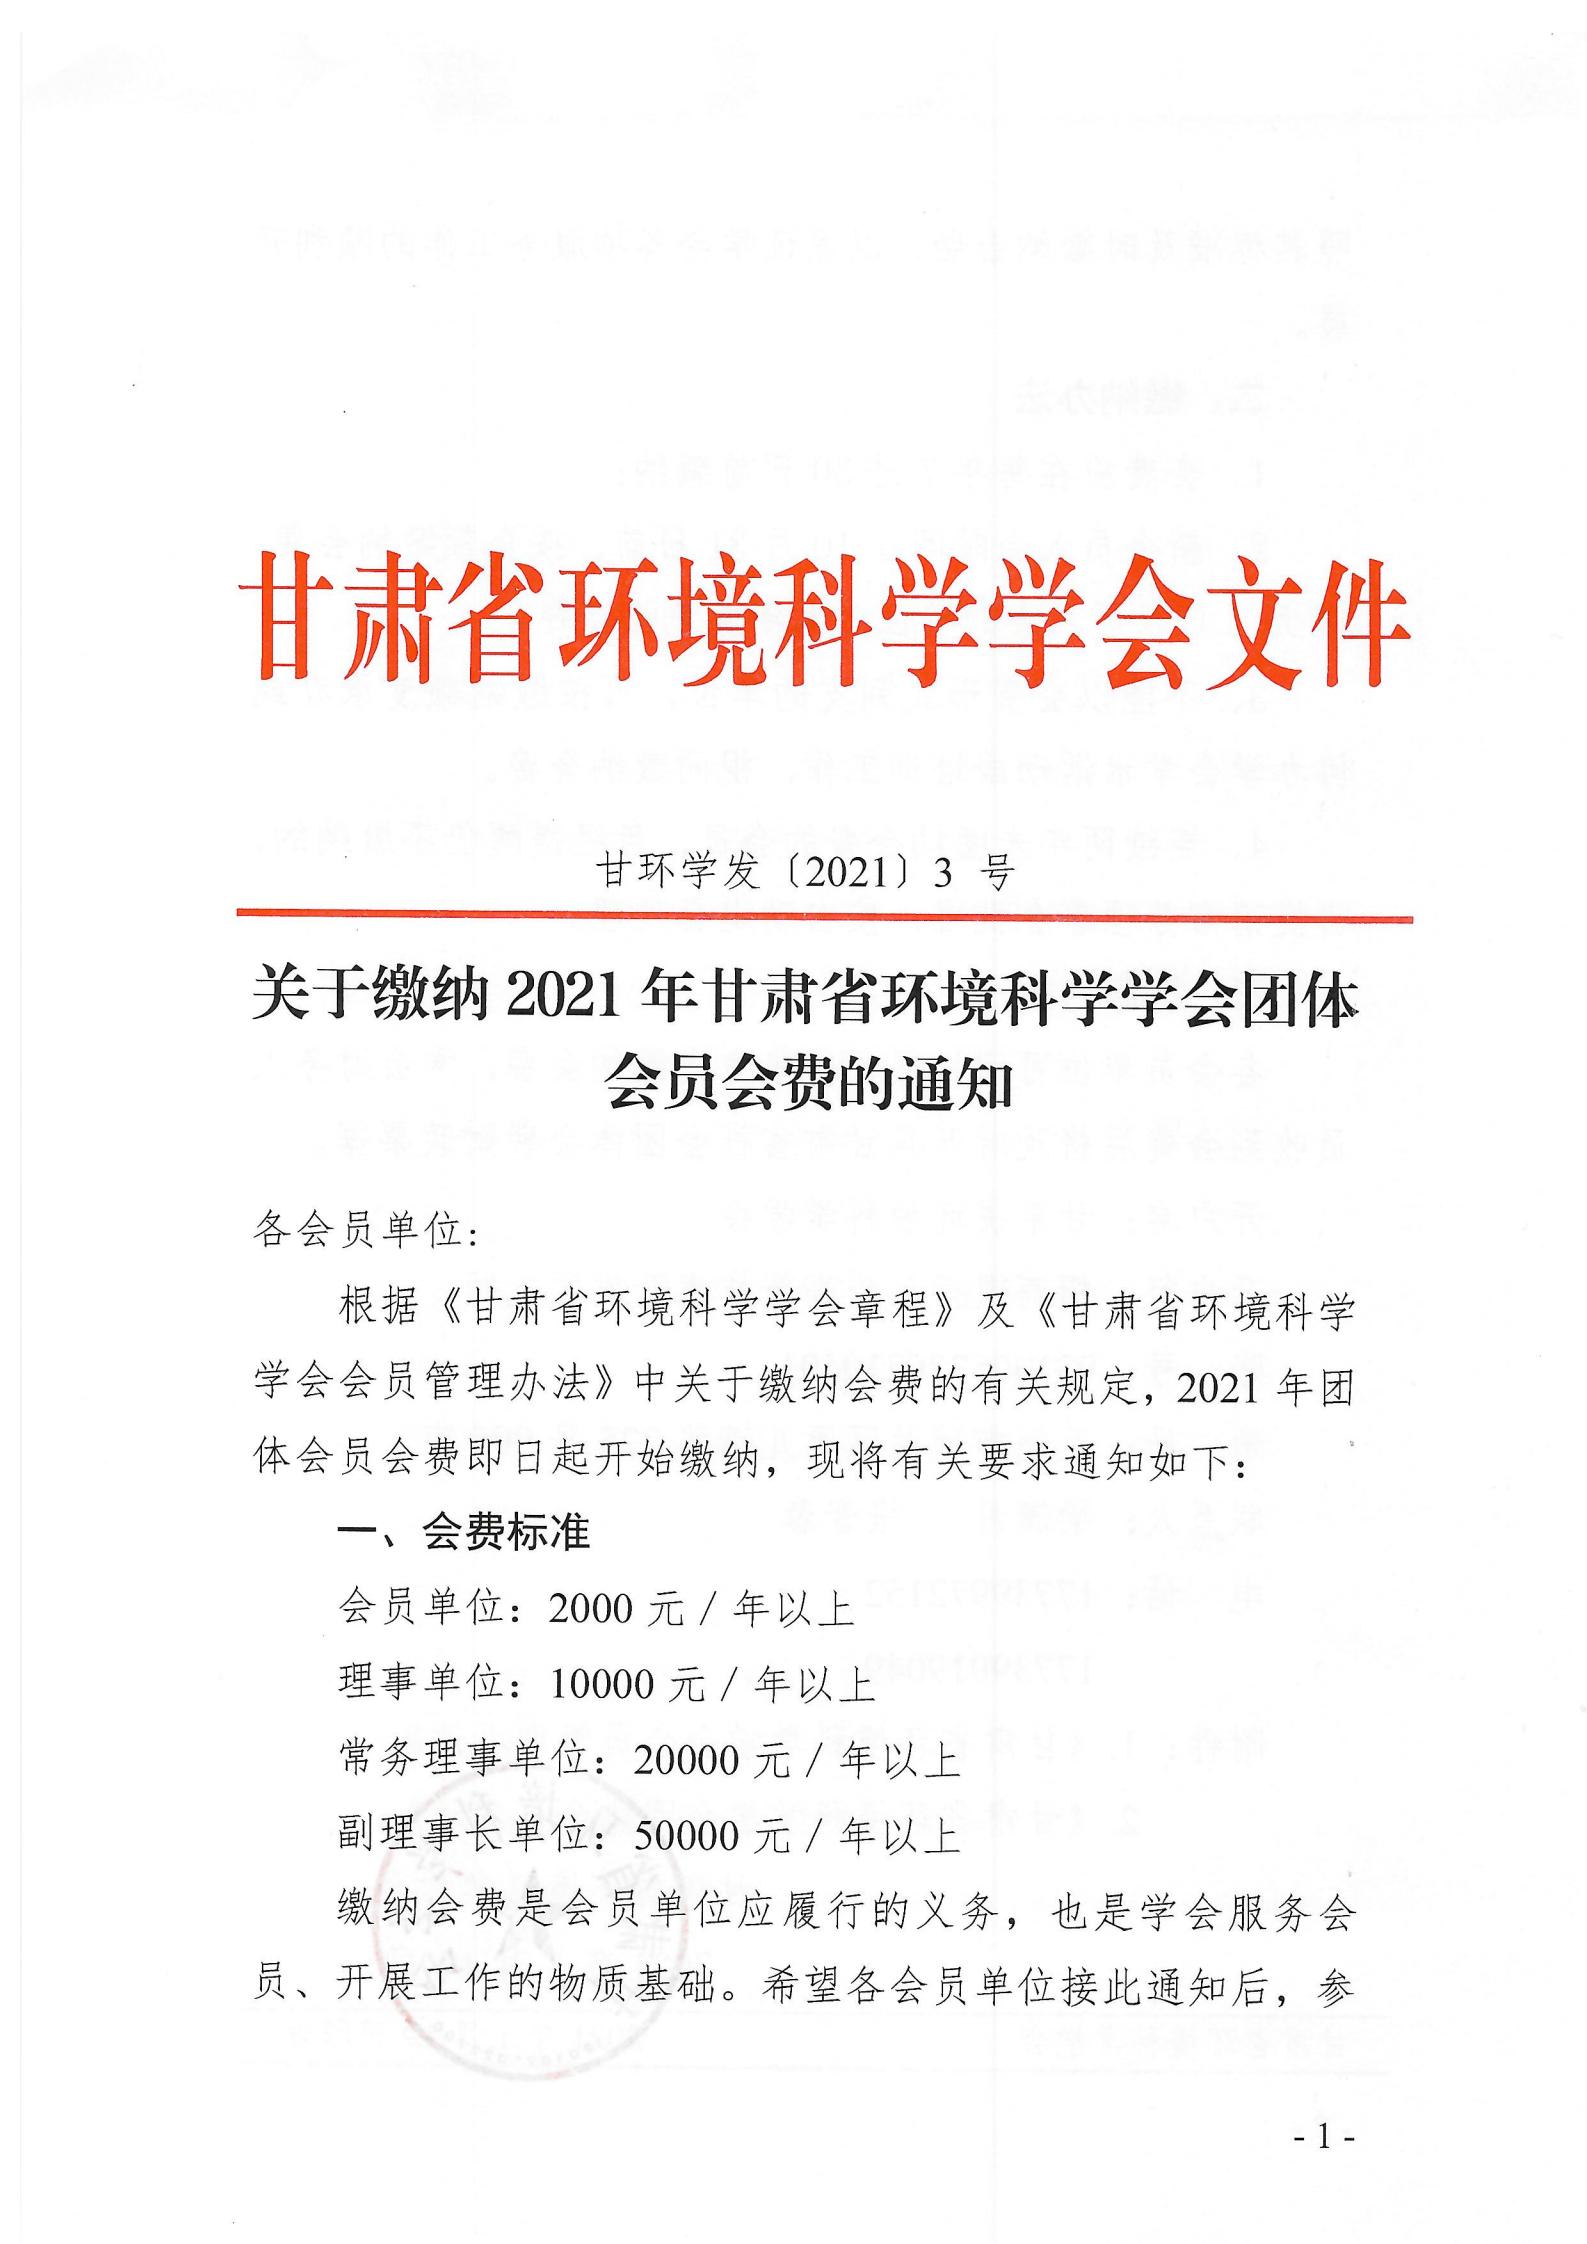 甘环学发【2021】3号 关于缴纳2021年甘肃省环境科学学会团体会员会费的通知_00.png